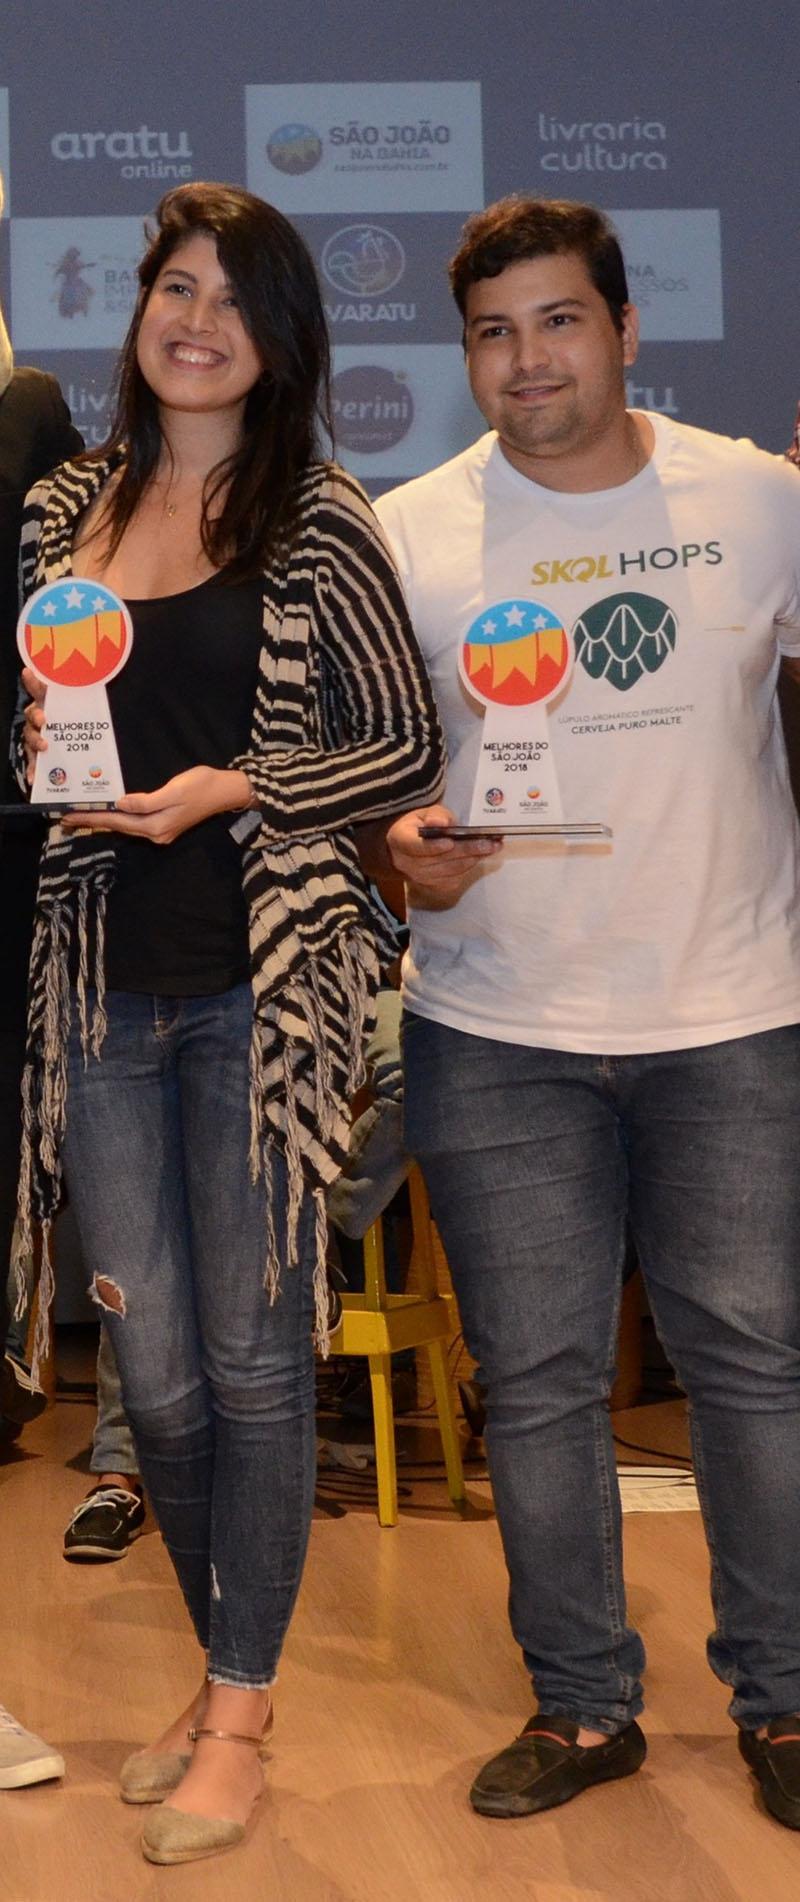 Maria Eduarda Barreto, gerente regional de marketing da Ambev, e Aécio Lacerda, assistente de trade marketing, exibem os troféus (Foto: São João na Bahia/Divulgação)